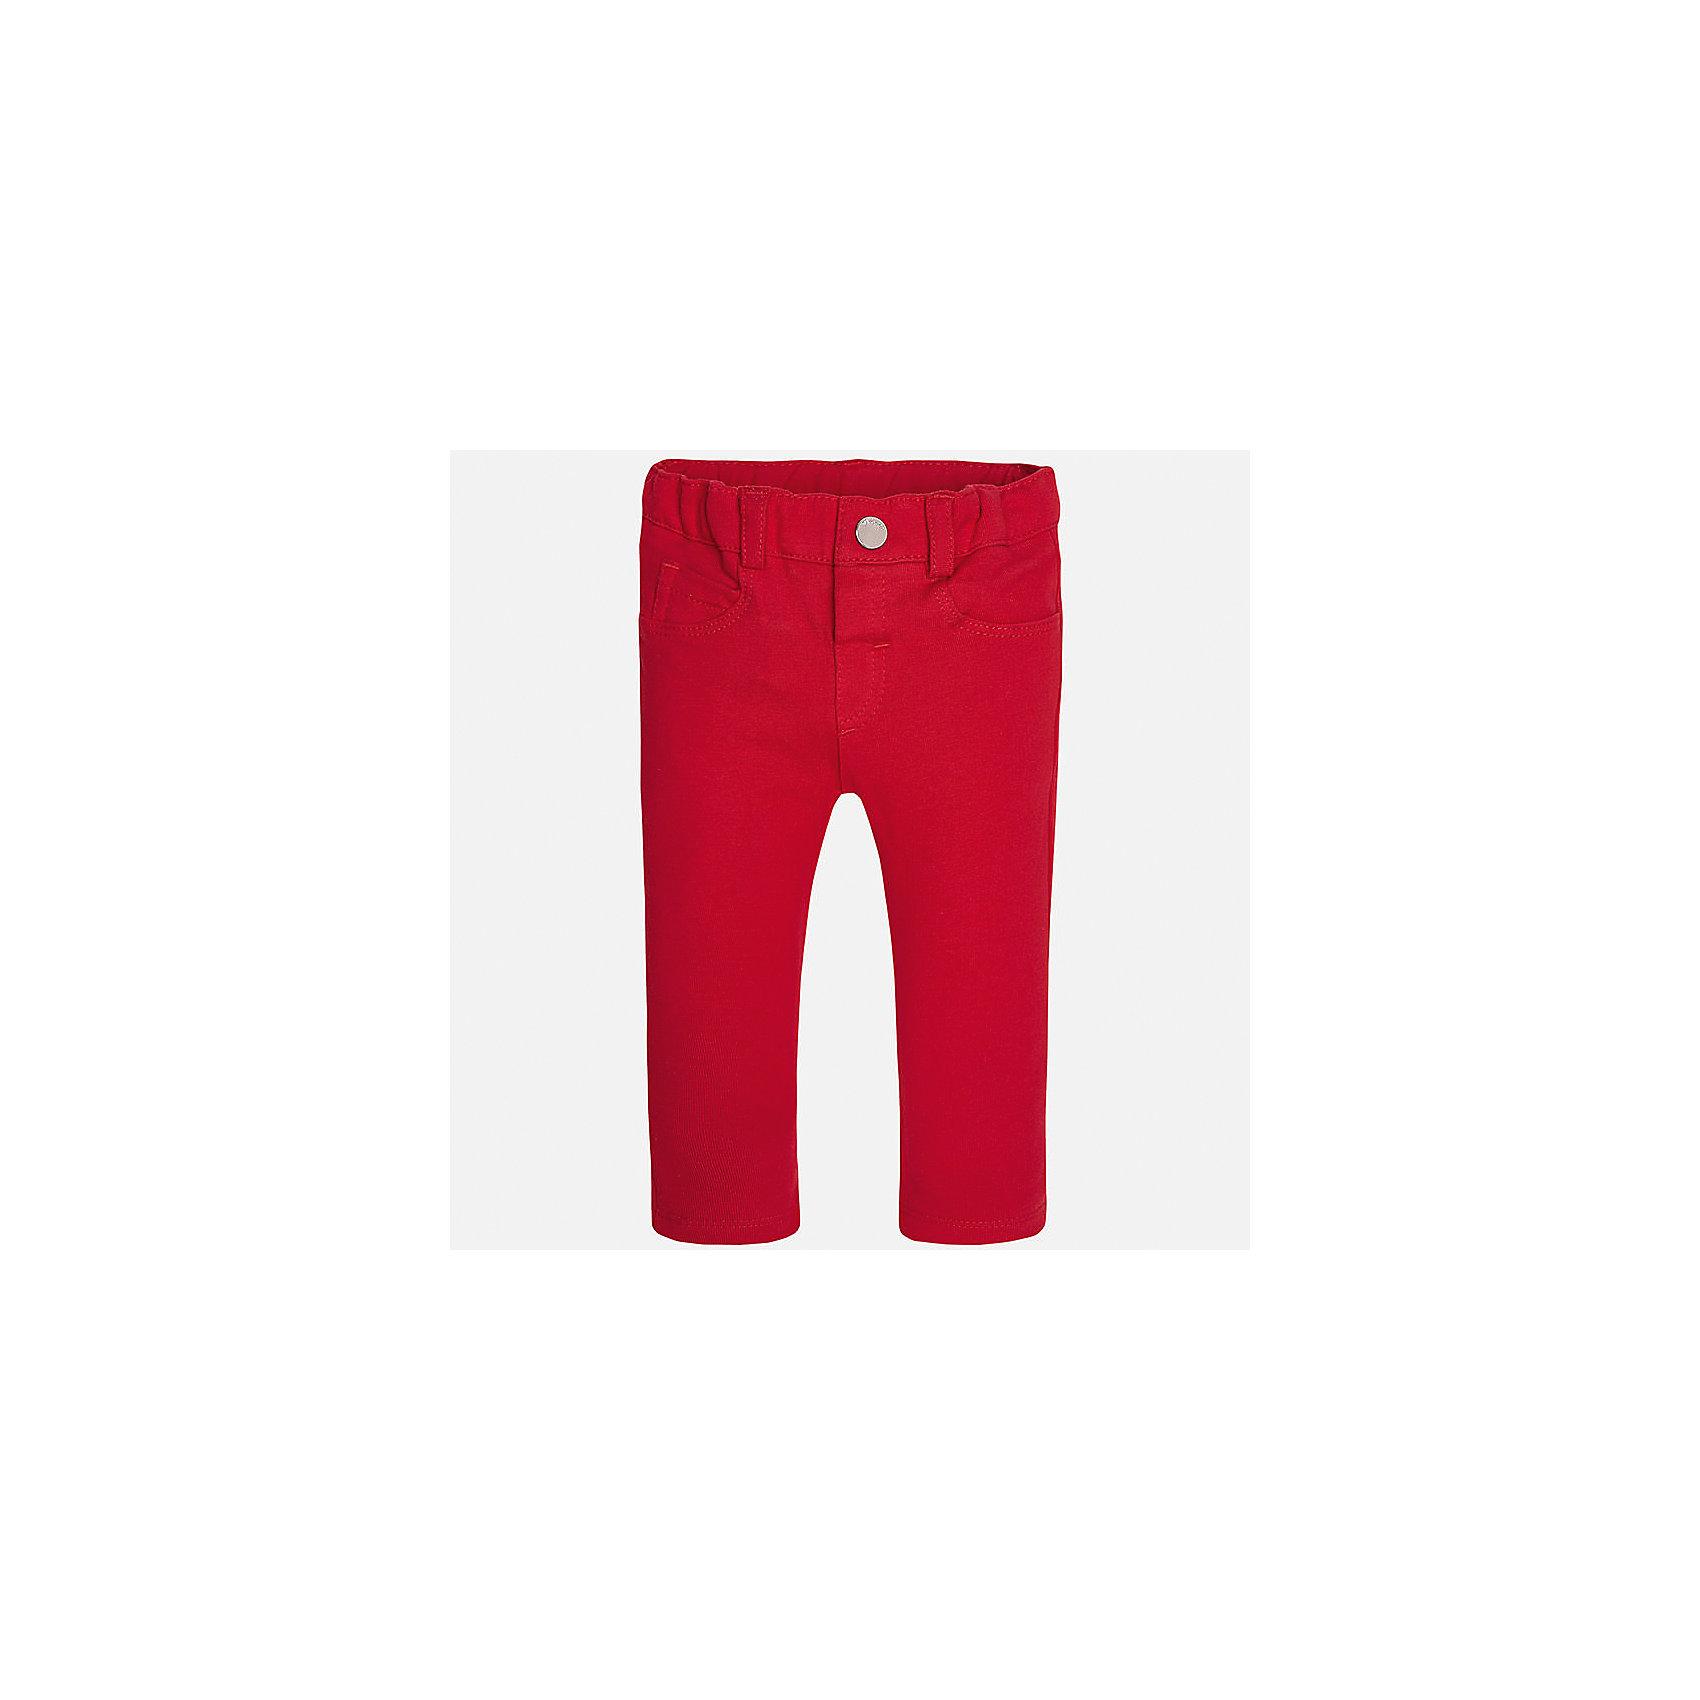 Леггинсы для девочки MayoralБрюки<br>Характеристики товара:<br><br>• цвет: красный<br>• состав: 95% хлопок, 5% эластан<br>• шлевки<br>• эластичный материал<br>• классический силуэт<br>• декоративная отделка карманов<br>• страна бренда: Испания<br><br>Модные леггинсы для девочки смогут разнообразить гардероб ребенка и украсить наряд. Они отлично сочетаются с майками, футболками, блузками. Красивый оттенок позволяет подобрать к вещи верх разных расцветок. В составе материала - натуральный хлопок, гипоаллергенный, приятный на ощупь, дышащий. Леггинсы отлично сидят и не стесняют движения.<br><br>Одежда, обувь и аксессуары от испанского бренда Mayoral полюбились детям и взрослым по всему миру. Модели этой марки - стильные и удобные. Для их производства используются только безопасные, качественные материалы и фурнитура. Порадуйте ребенка модными и красивыми вещами от Mayoral! <br><br>Леггинсы для девочки от испанского бренда Mayoral (Майорал) можно купить в нашем интернет-магазине.<br><br>Ширина мм: 123<br>Глубина мм: 10<br>Высота мм: 149<br>Вес г: 209<br>Цвет: красный<br>Возраст от месяцев: 18<br>Возраст до месяцев: 24<br>Пол: Женский<br>Возраст: Детский<br>Размер: 92,74,80,86<br>SKU: 5300025